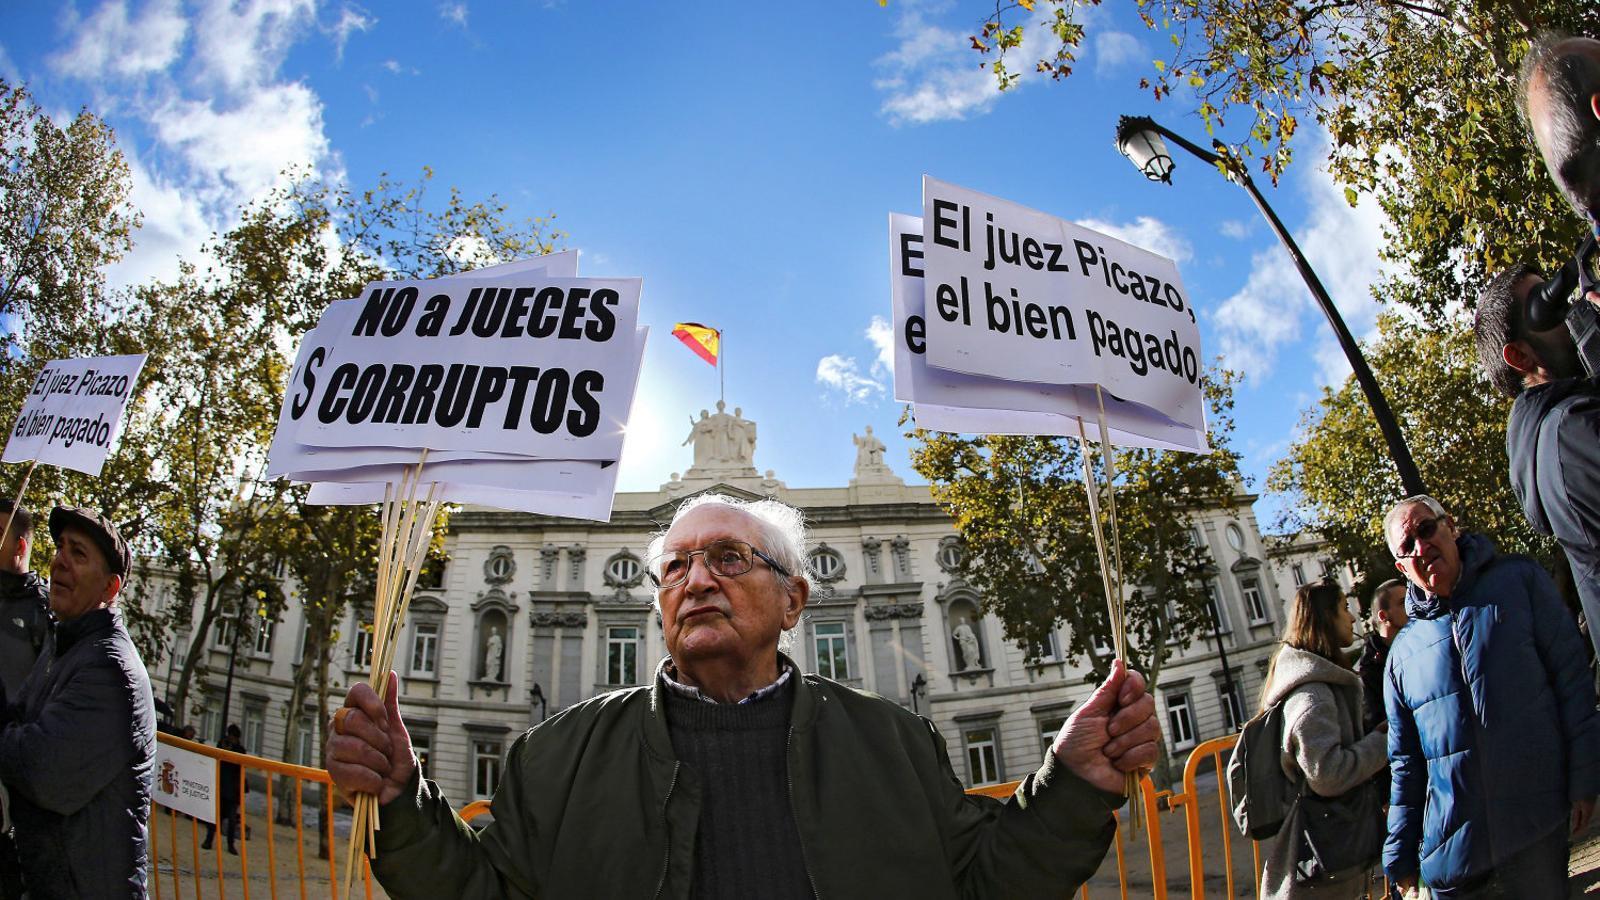 L'espectacle de la justícia espanyola